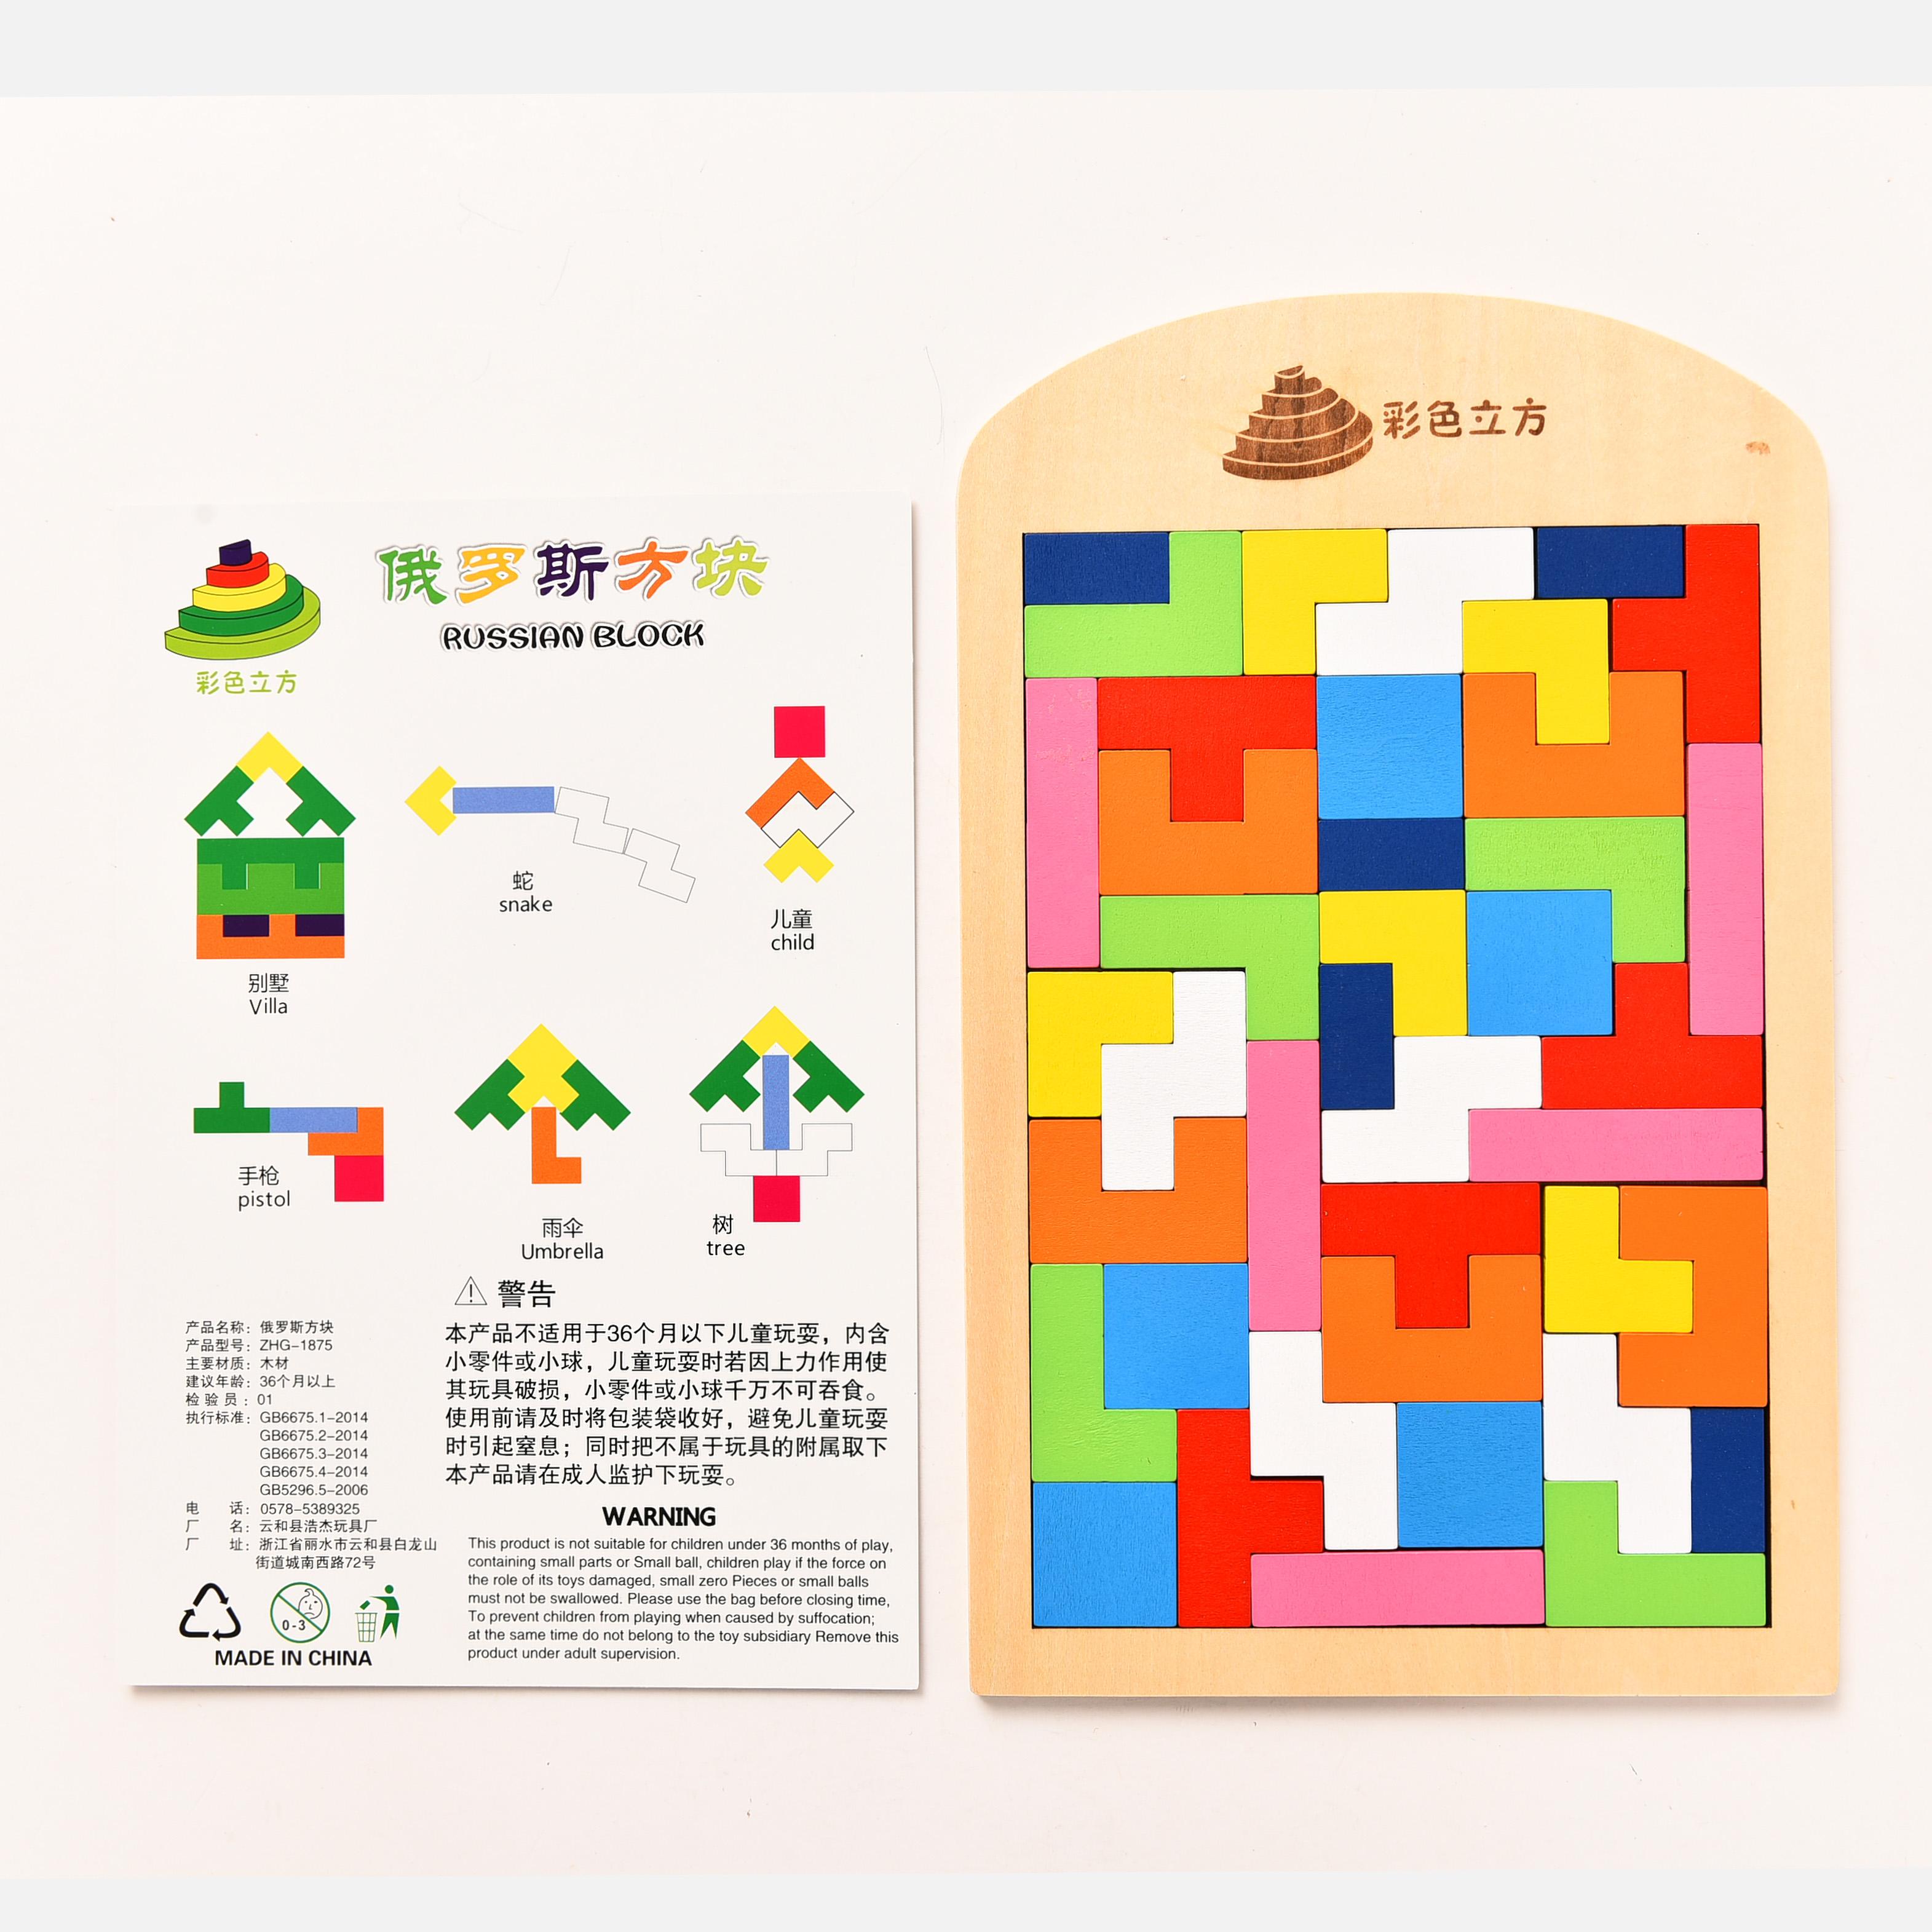 儿童玩具俄罗斯方块拼图男孩女孩宝宝益智智力积木方块游戏小礼物图片